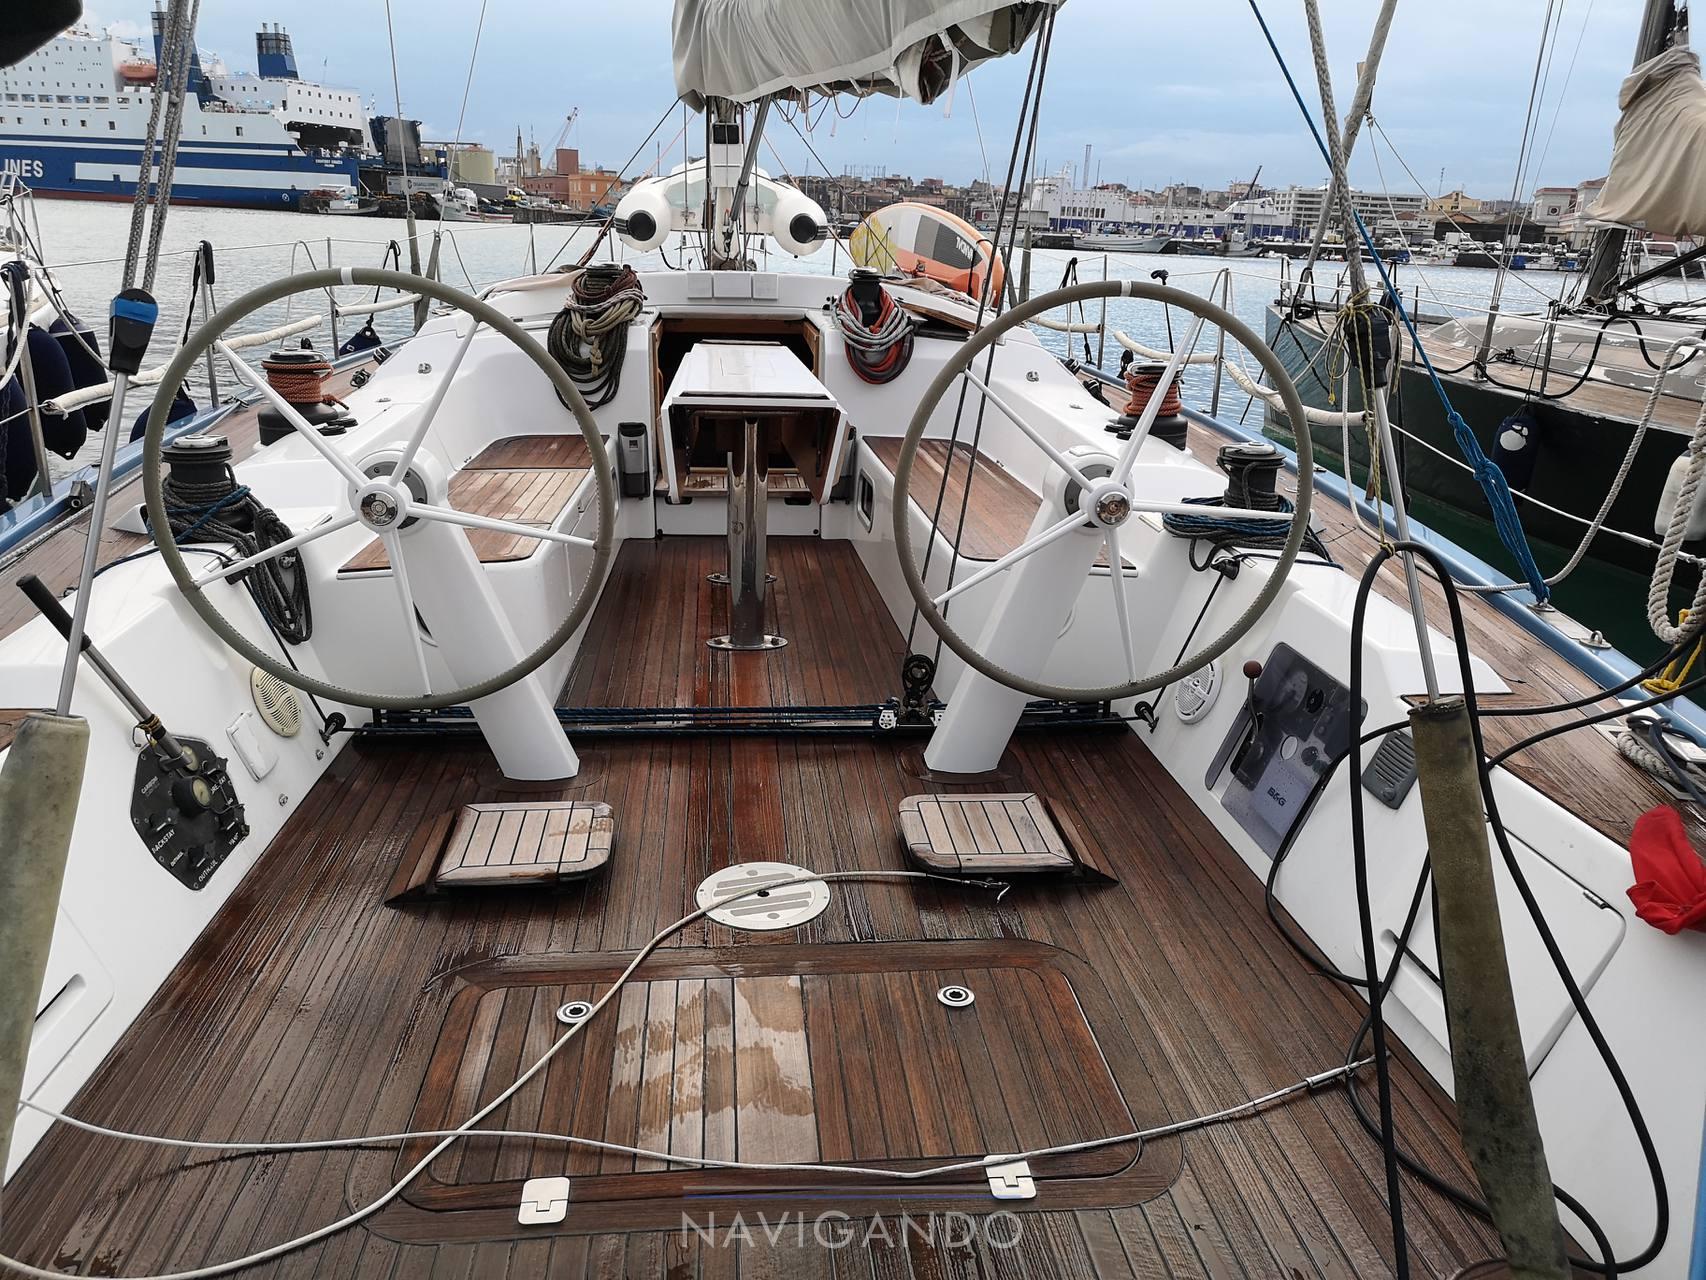 Felci YAcht  cost. Adria Adria Felci 49 Barco de vela usado para venta